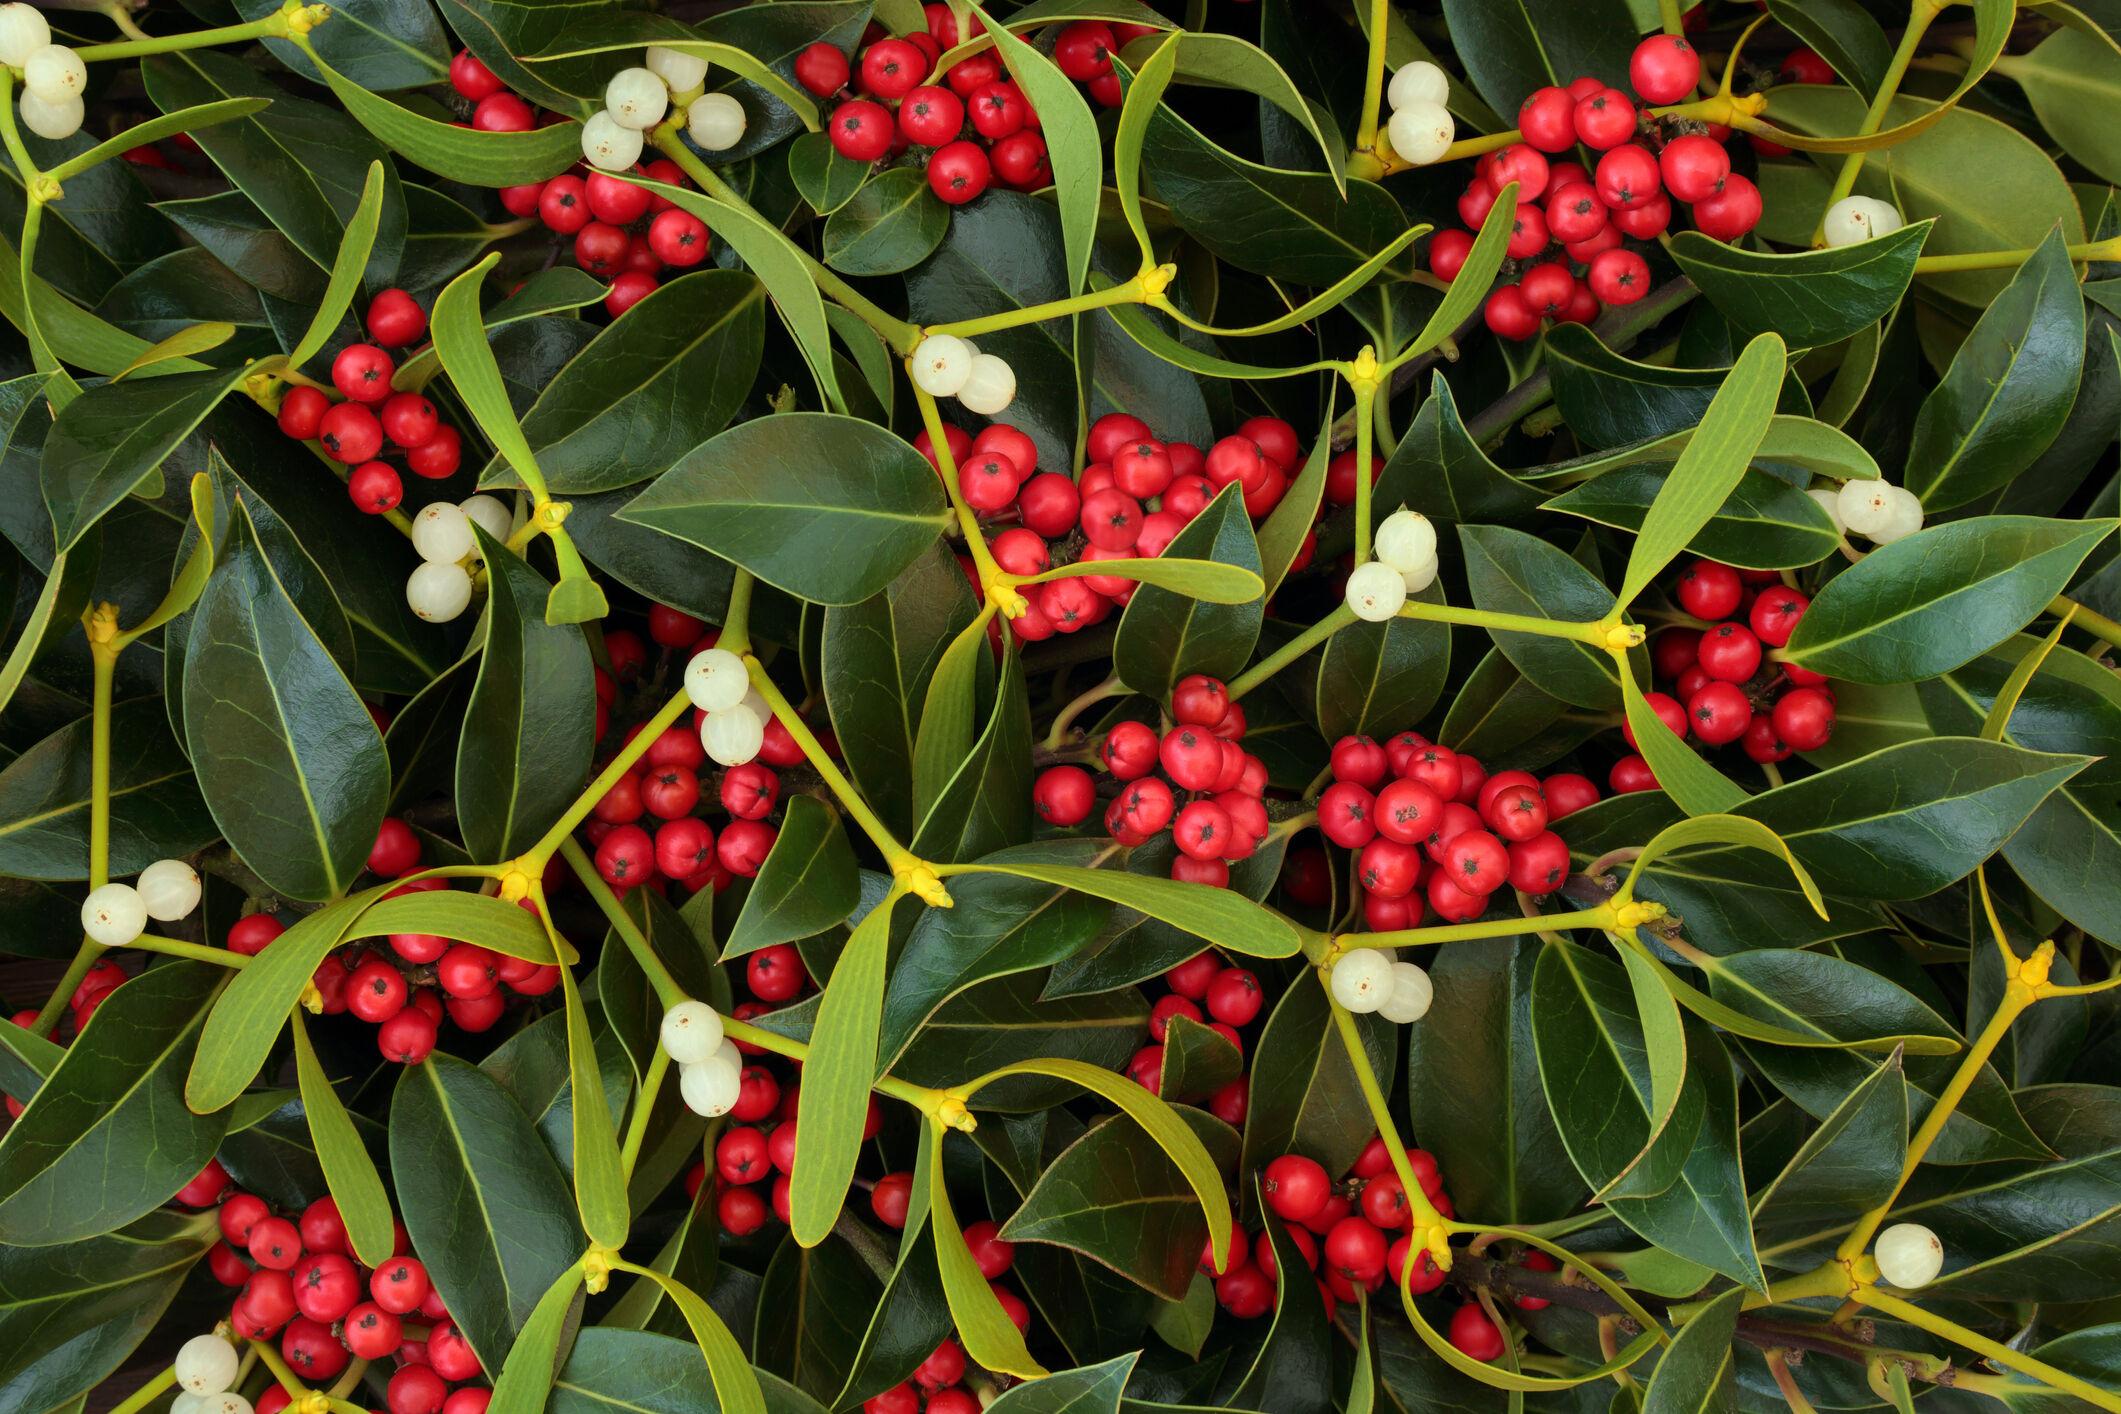 Kissed under the mistletoe? Gross! The not-so romantic origins of ...